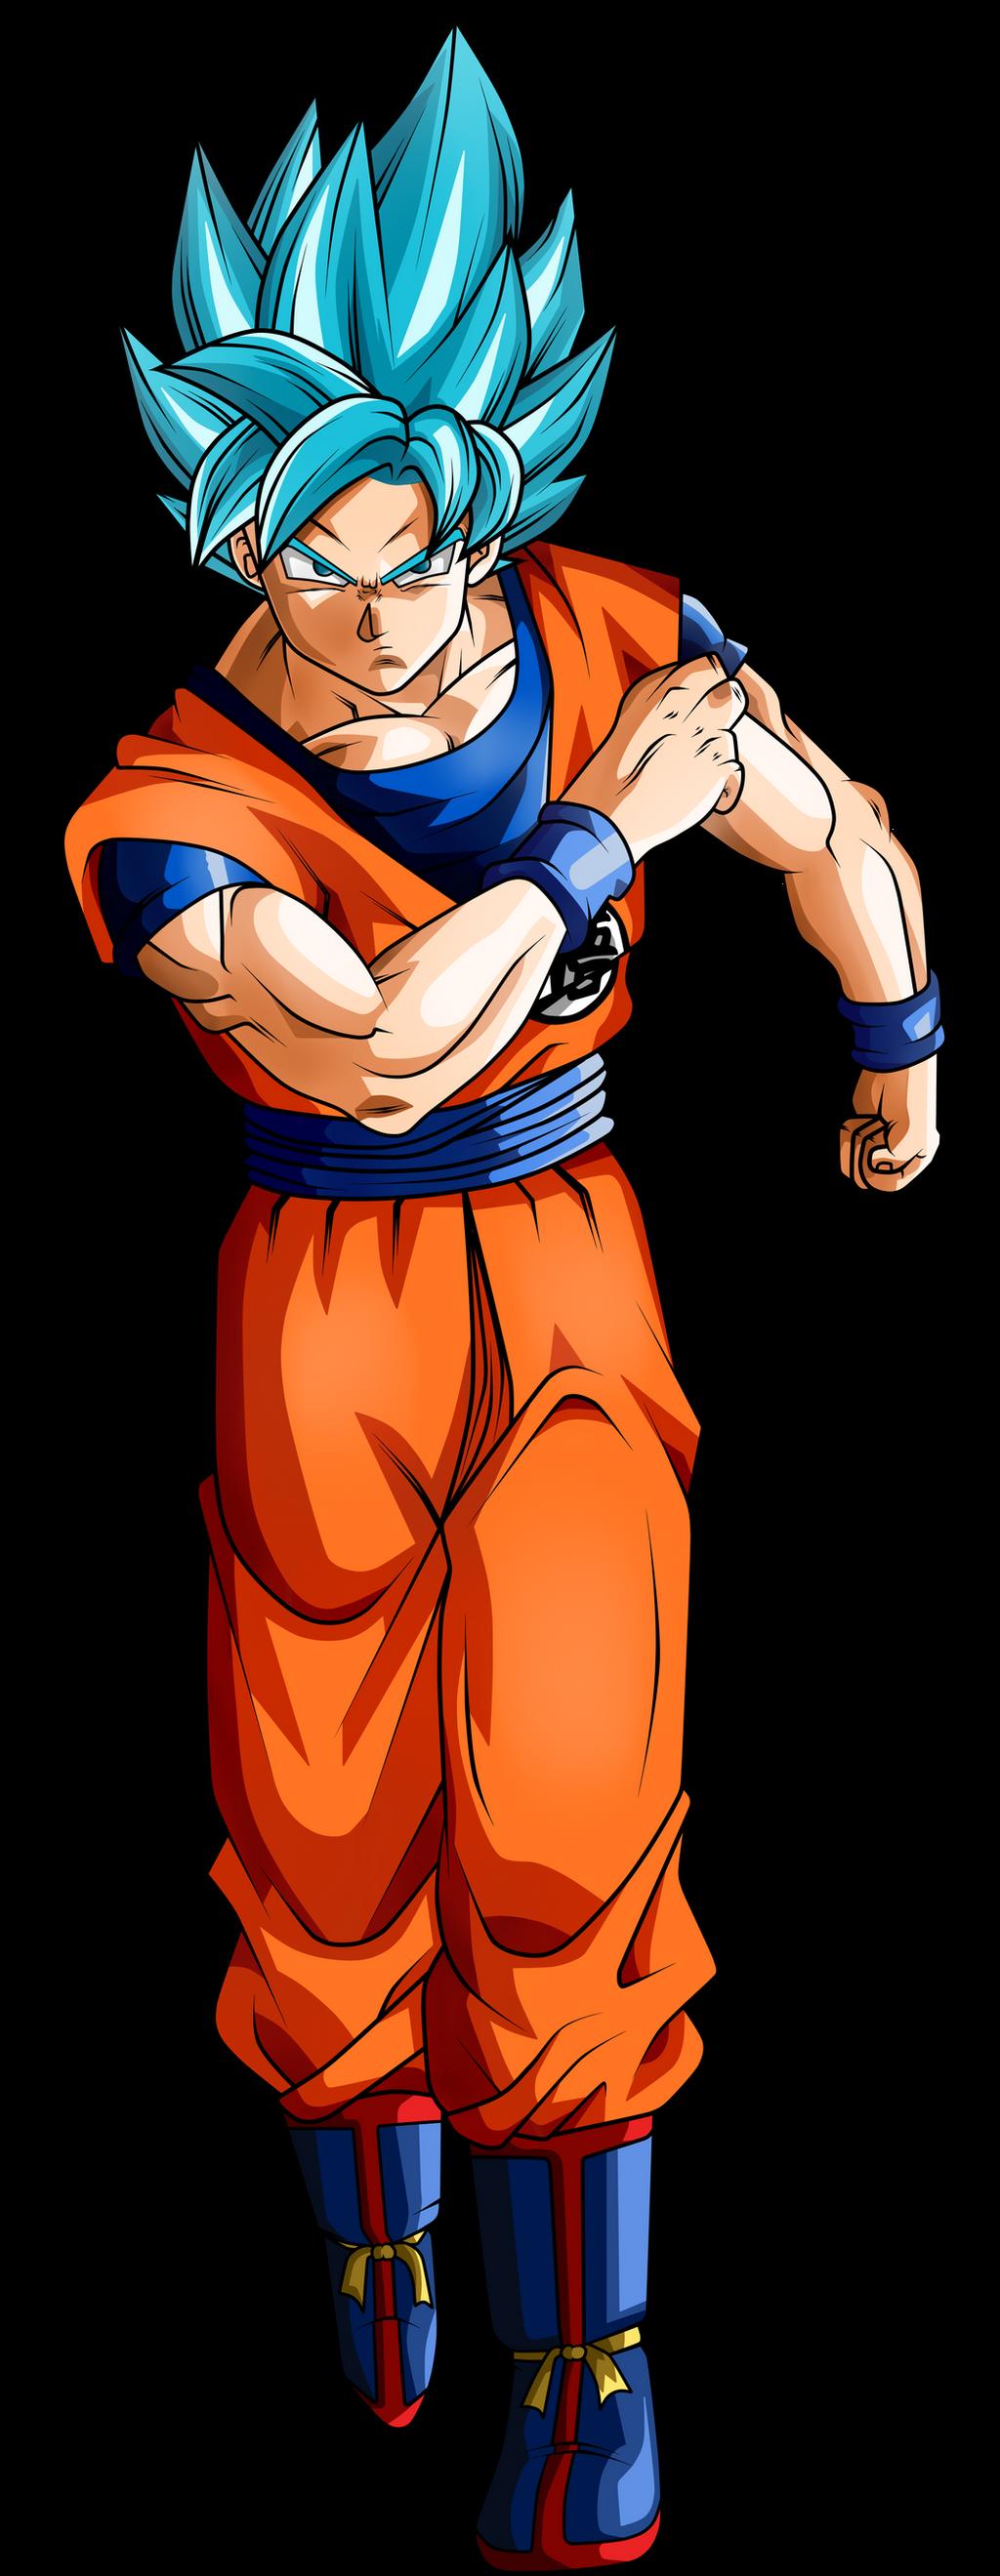 Goku Ssj Blue Universe Survival by Koku78 on DeviantArt